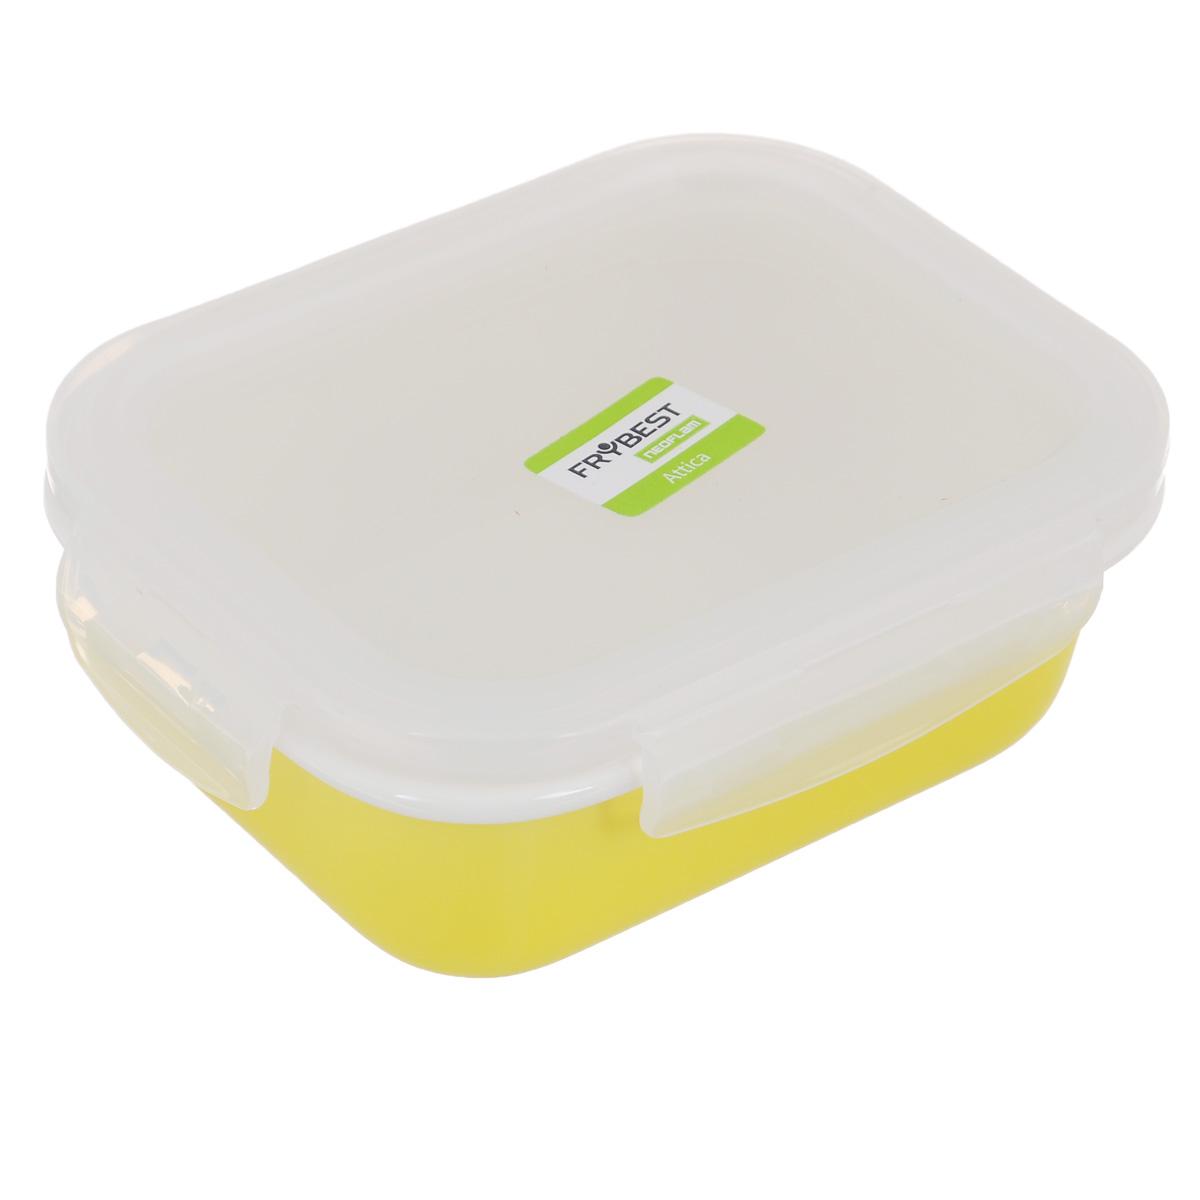 Контейнер Frybest Attica Rainbow, с крышкой, цвет: желтый, 370 млRN-037Контейнер Frybest Attica Rainbow изготовлен из высококачественного фарфора, покрытого слоем сверкающей глазури. Продукт экологичен, так как не содержит токсичных и ядовитых материалов. Цвет материала не блекнет со временем, а покрытие не впитывает запах продуктов. Контейнер оснащен прозрачной пластиковой крышкой, которая плотно закрывается на 4 защелки. Превосходная герметичность позволяет дольше сохранять свежесть продуктов. Утонченный европейский дизайн: прекрасное украшение стола. Подходит для мытья в посудомоечной машине, хранения в холодильной и морозильной камерах. Объем: 370 мл.